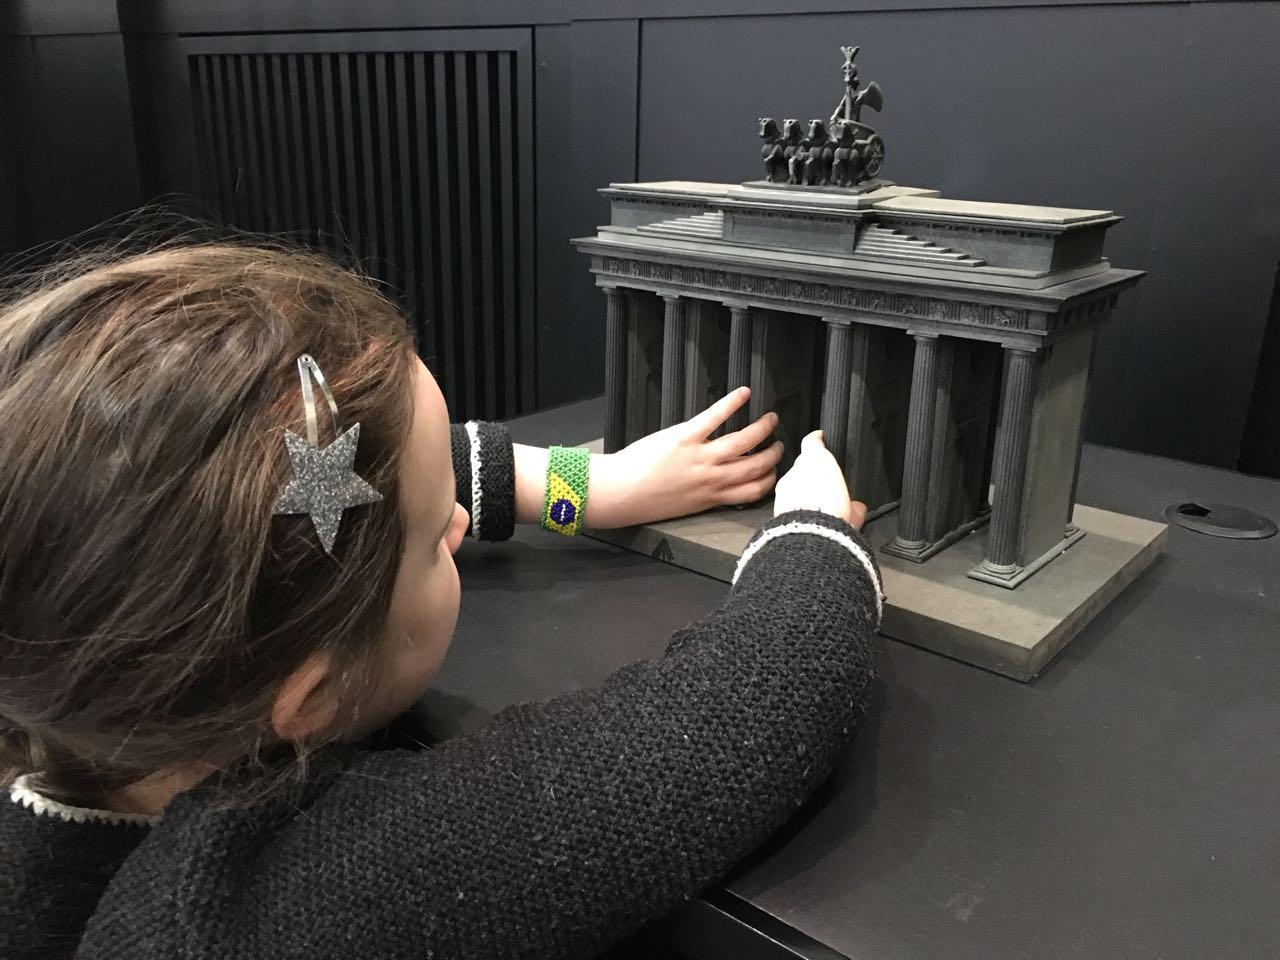 Ausstellung mit Brandenburger Tor zum Anfassen